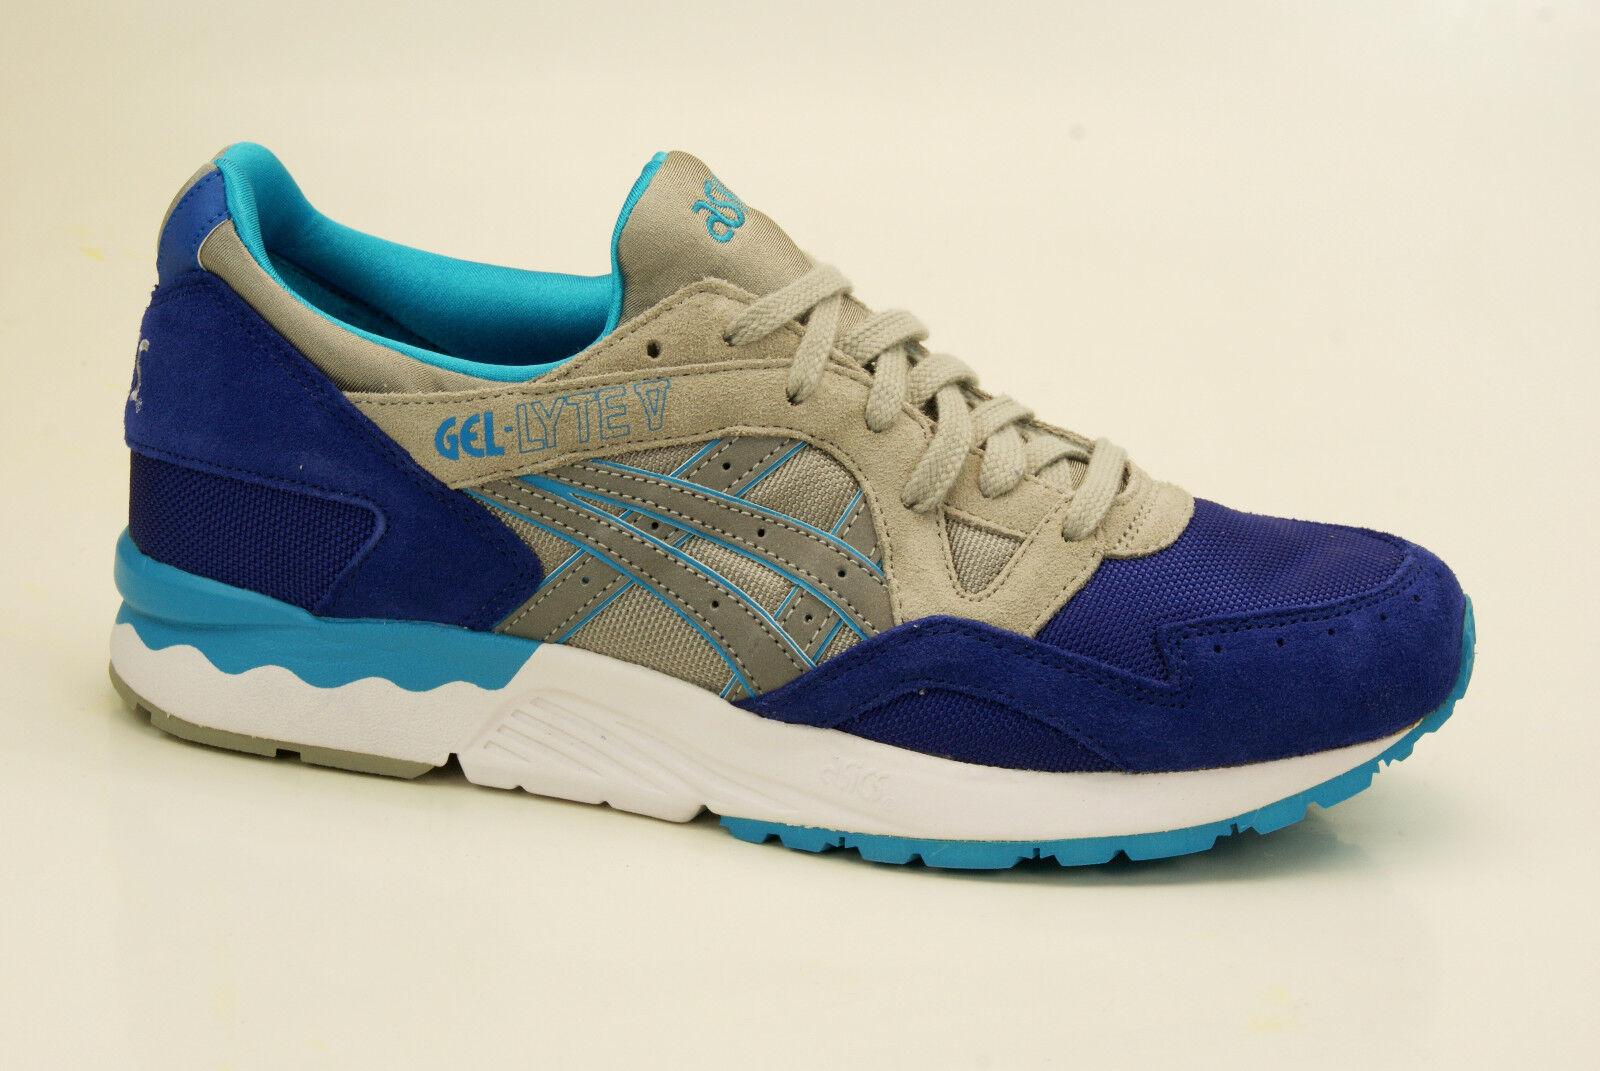 Asics Gel-Lyte V 5 Zapatillas de Deporte Zapatos Cordones Hombre H504n-5210